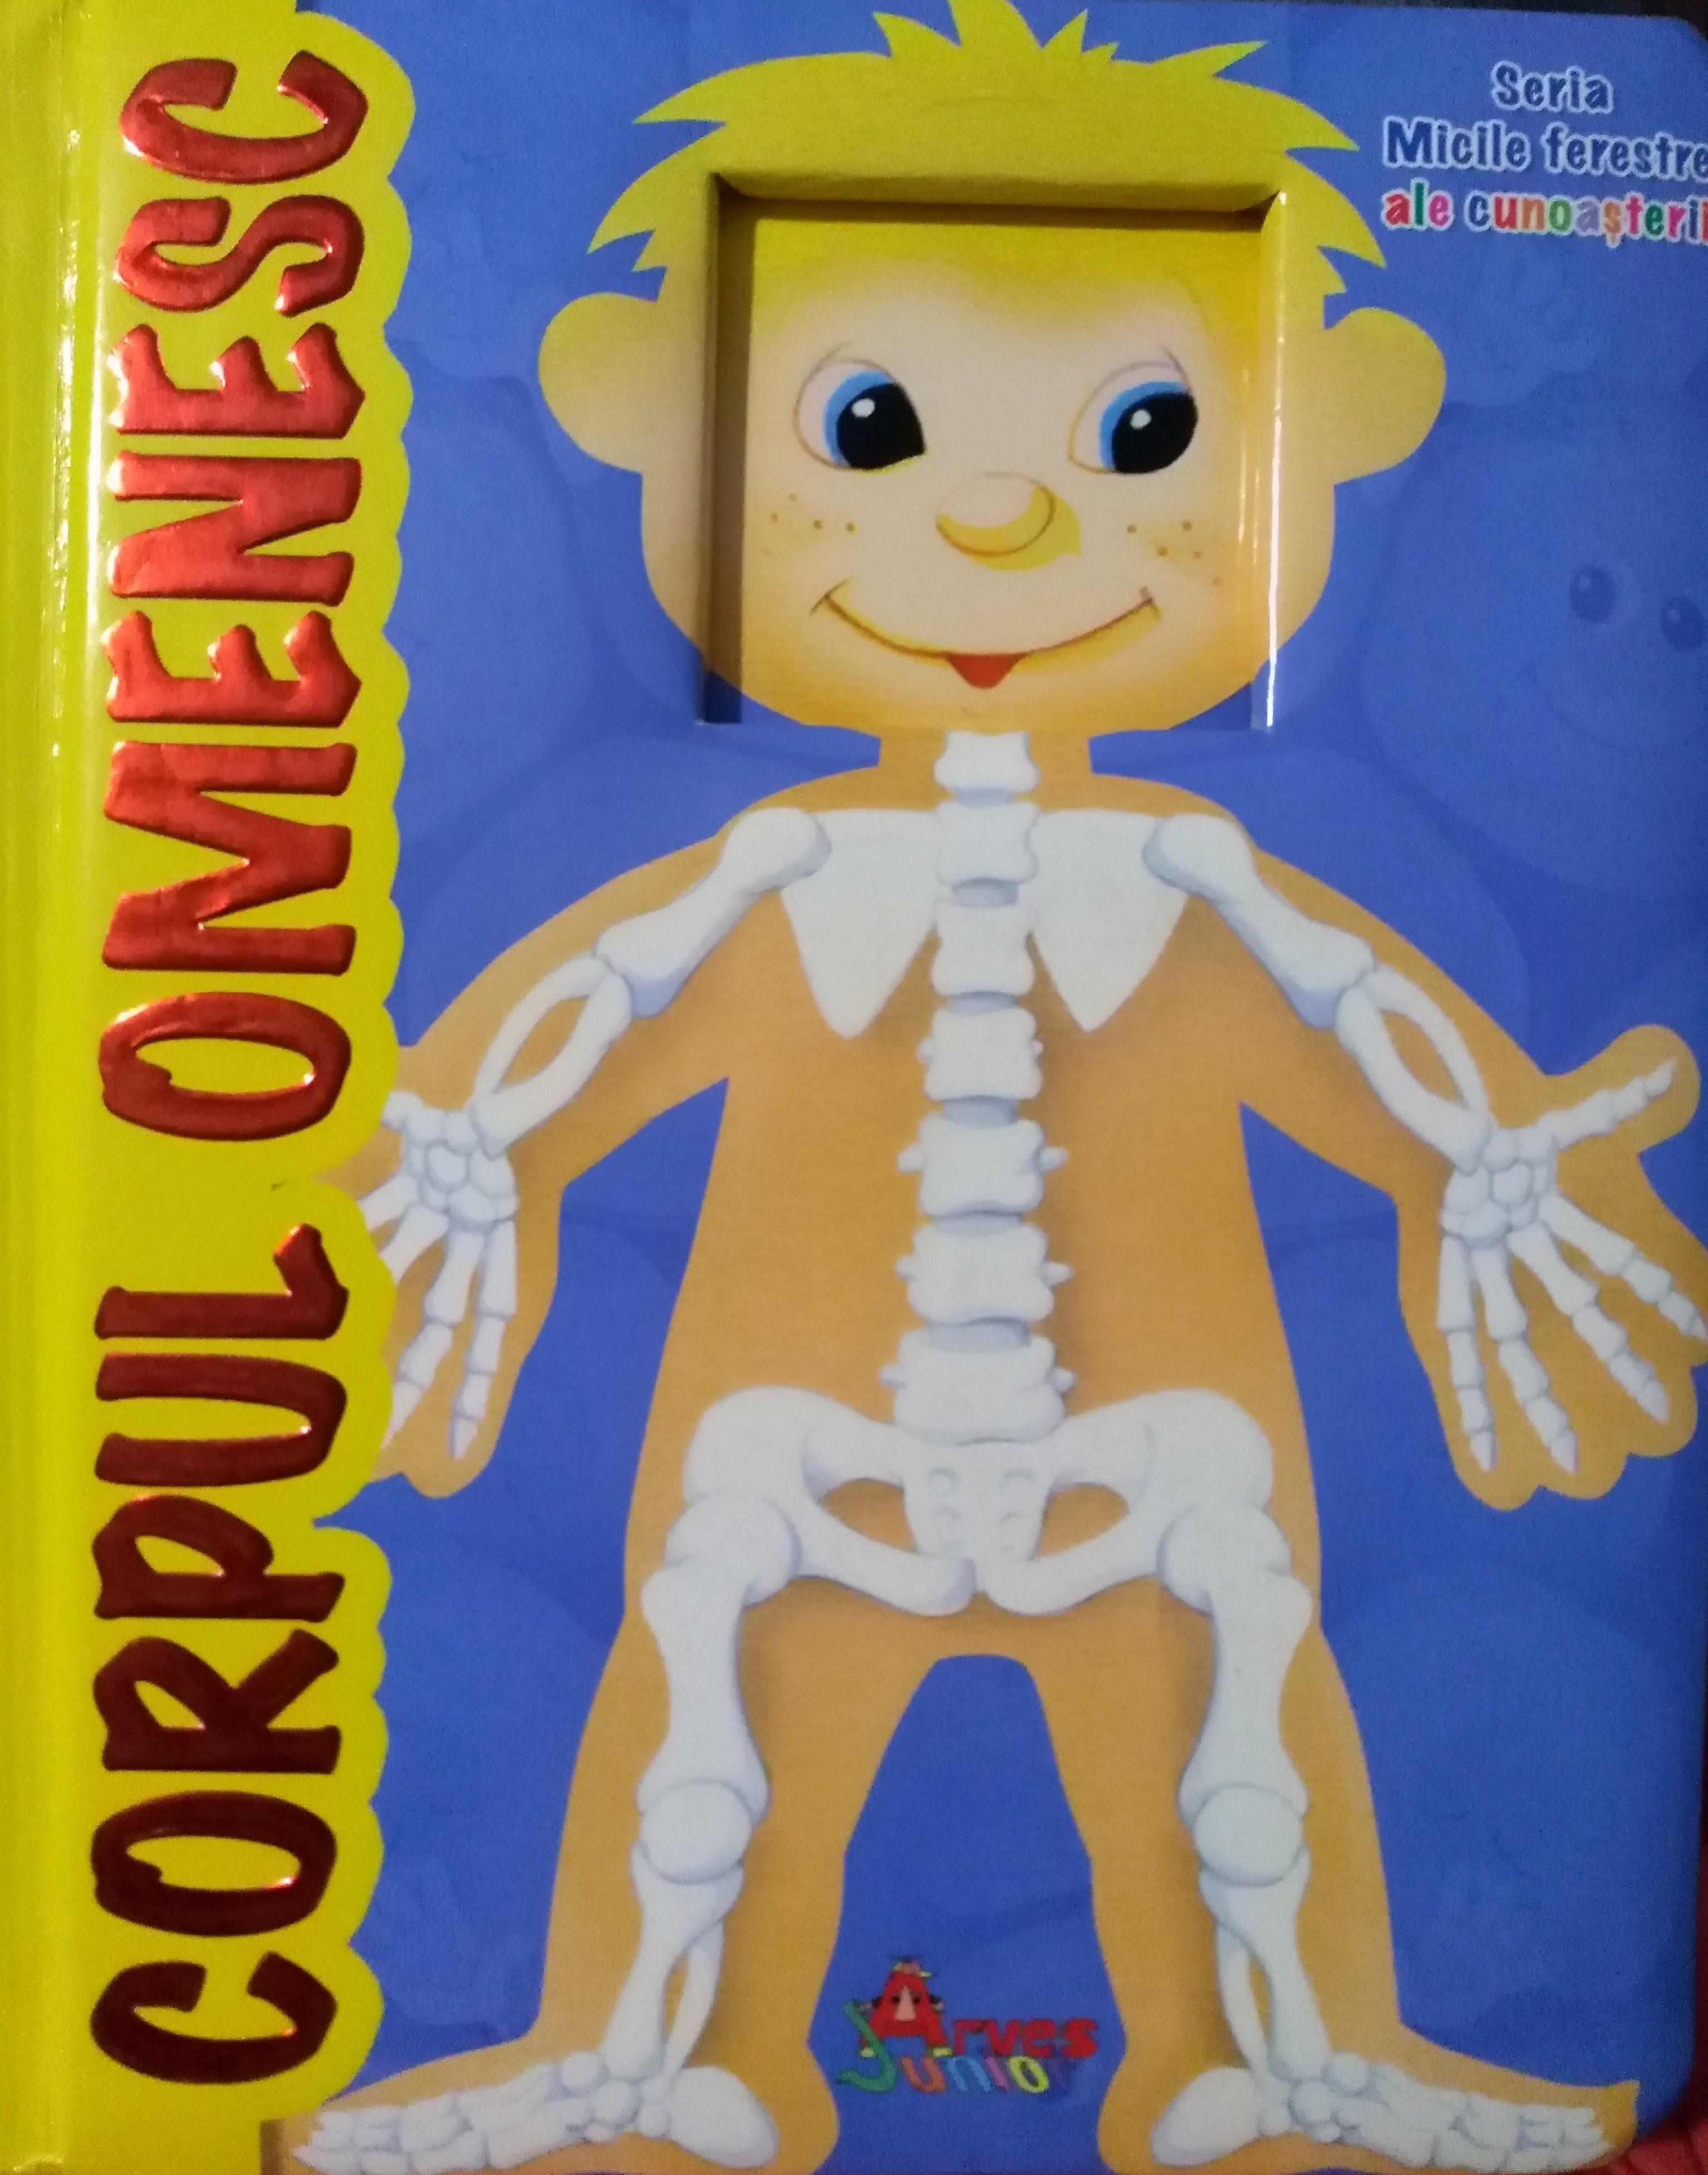 Ce stii despre corpul omenesc?